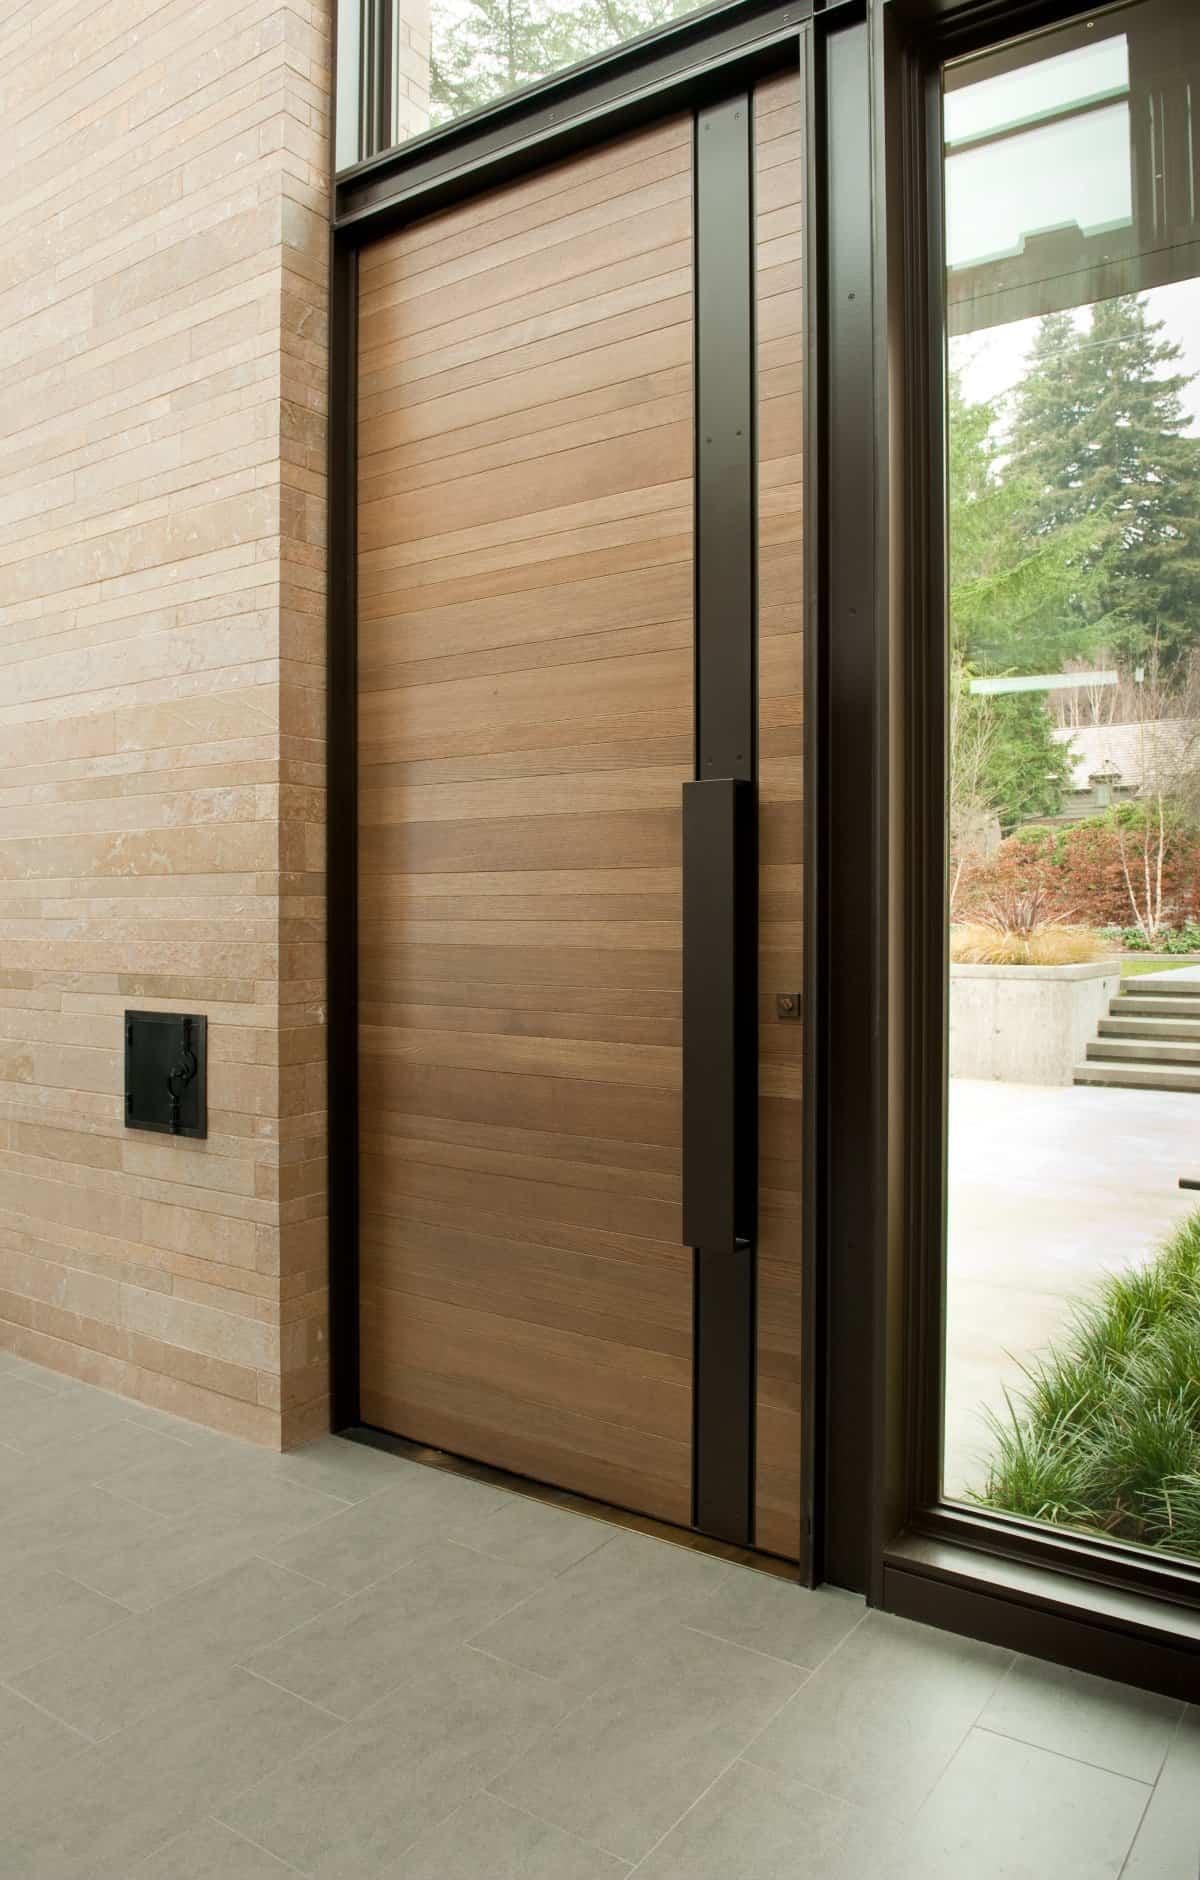 Washington Park Hilltop Res. by Stuart Silk Architects (2)